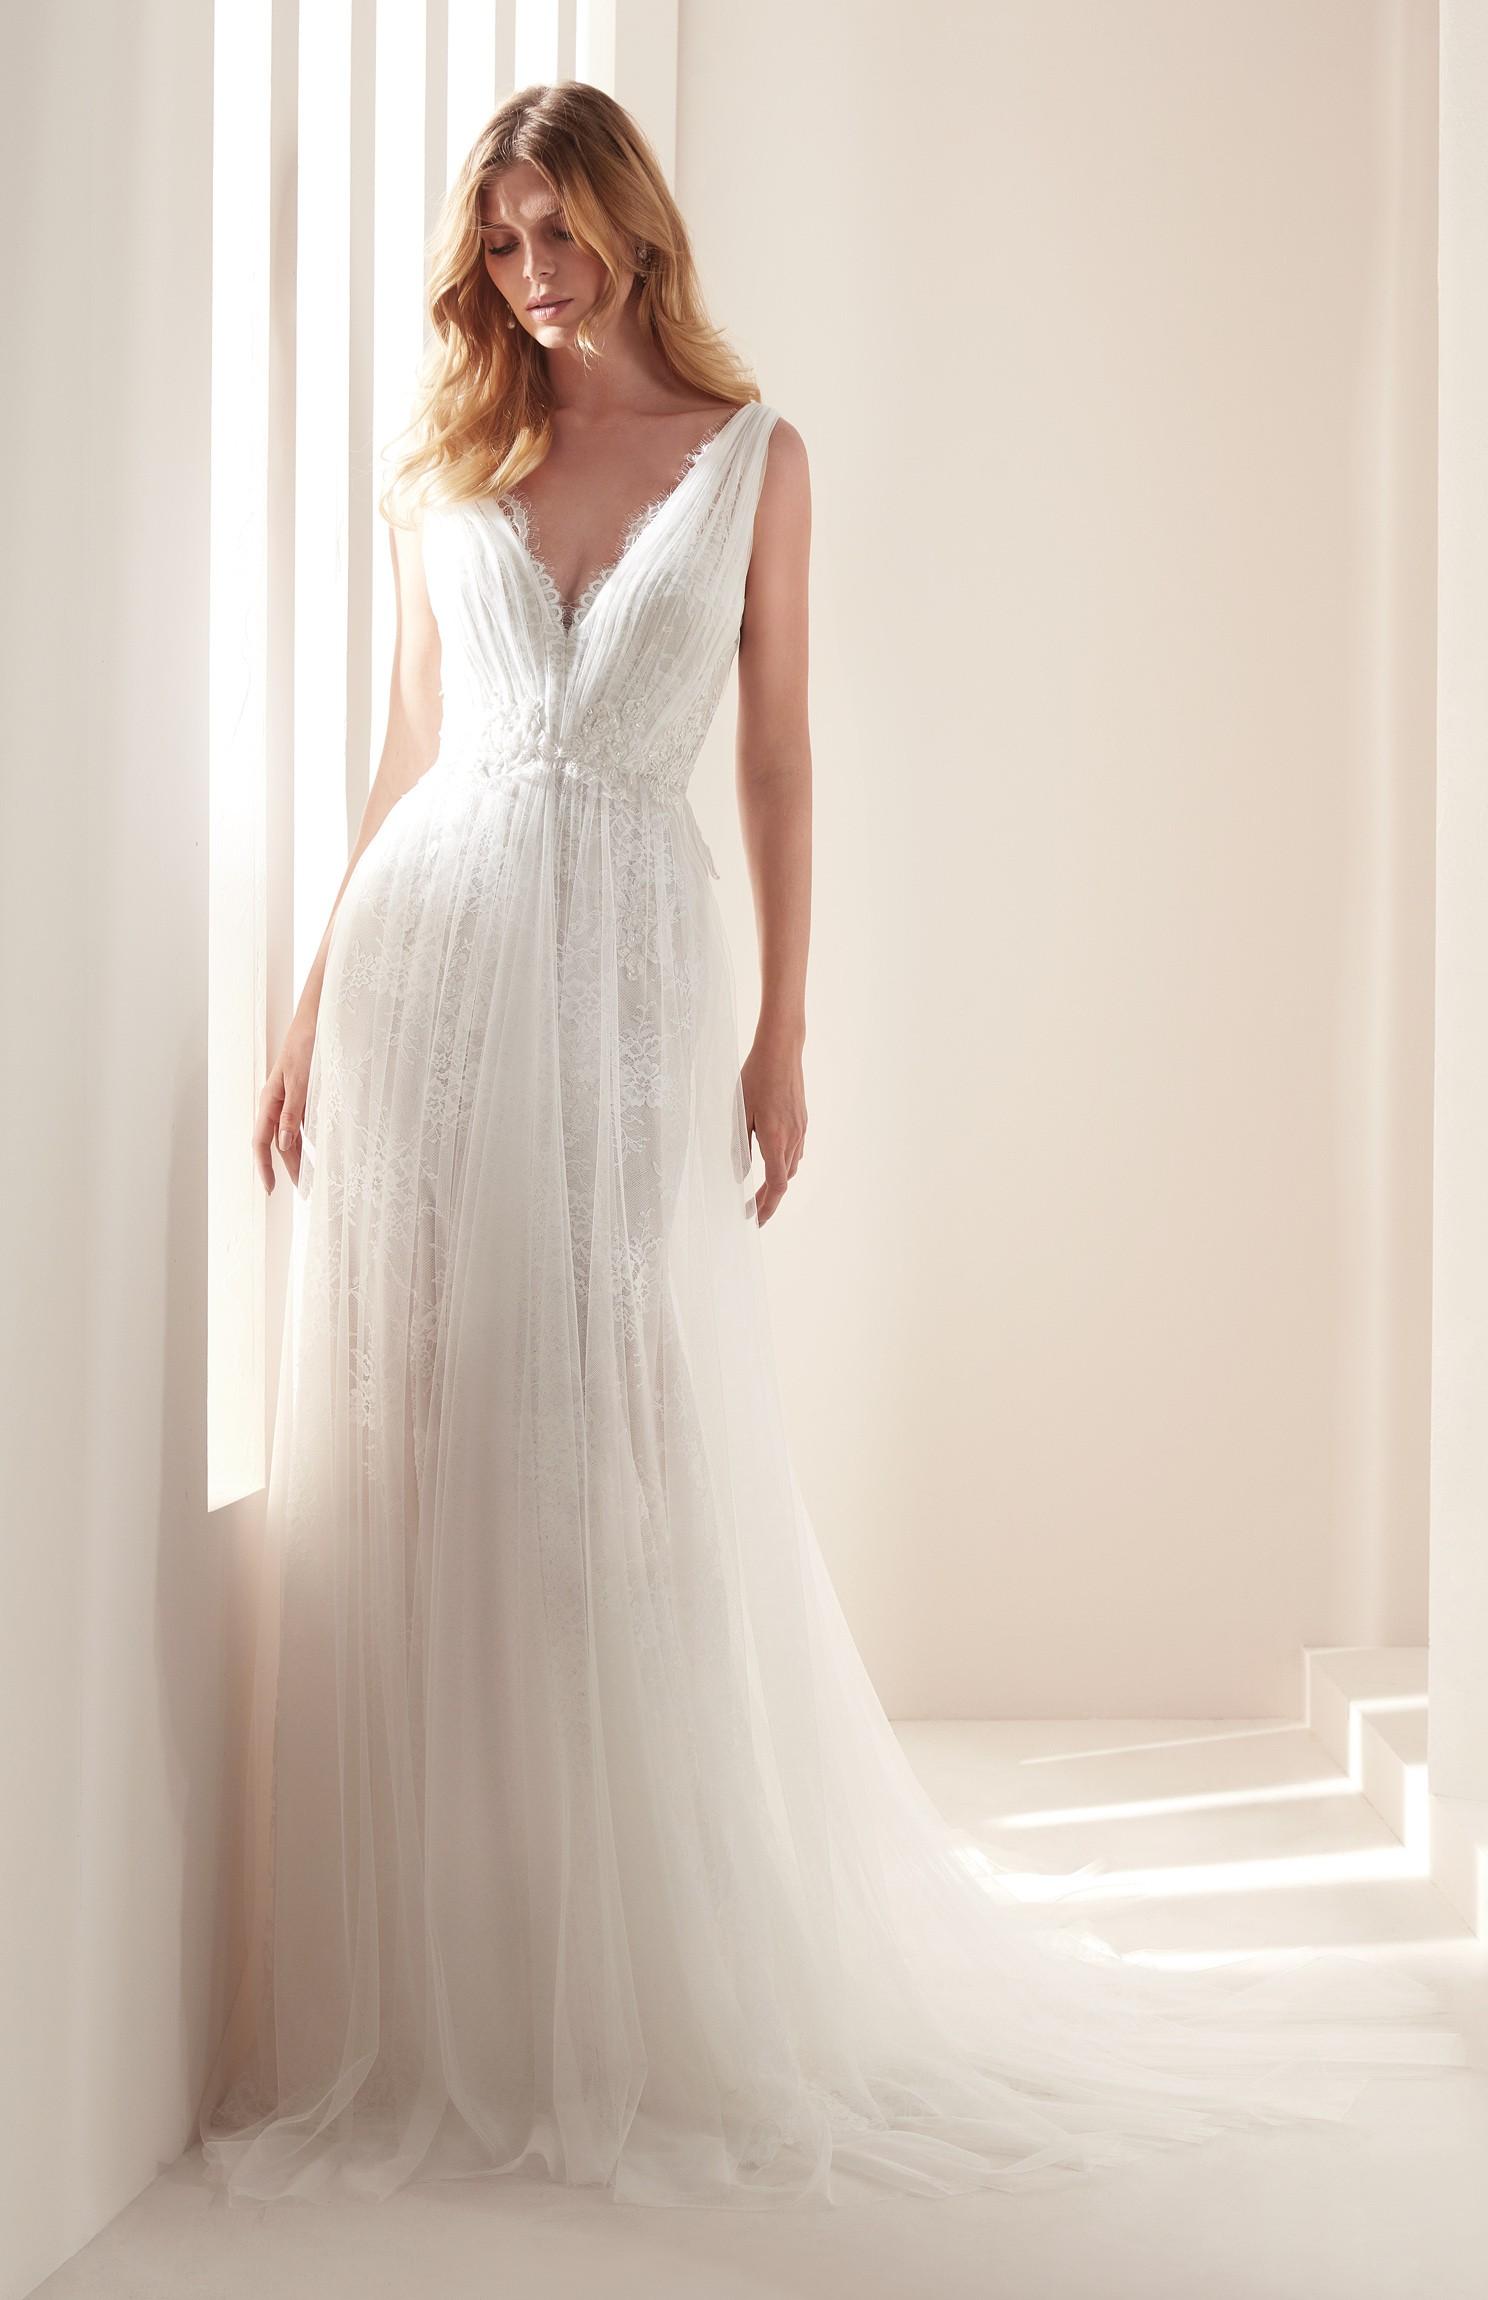 Vestito da sposa plissé scivolato Hannibal Laguna 2019